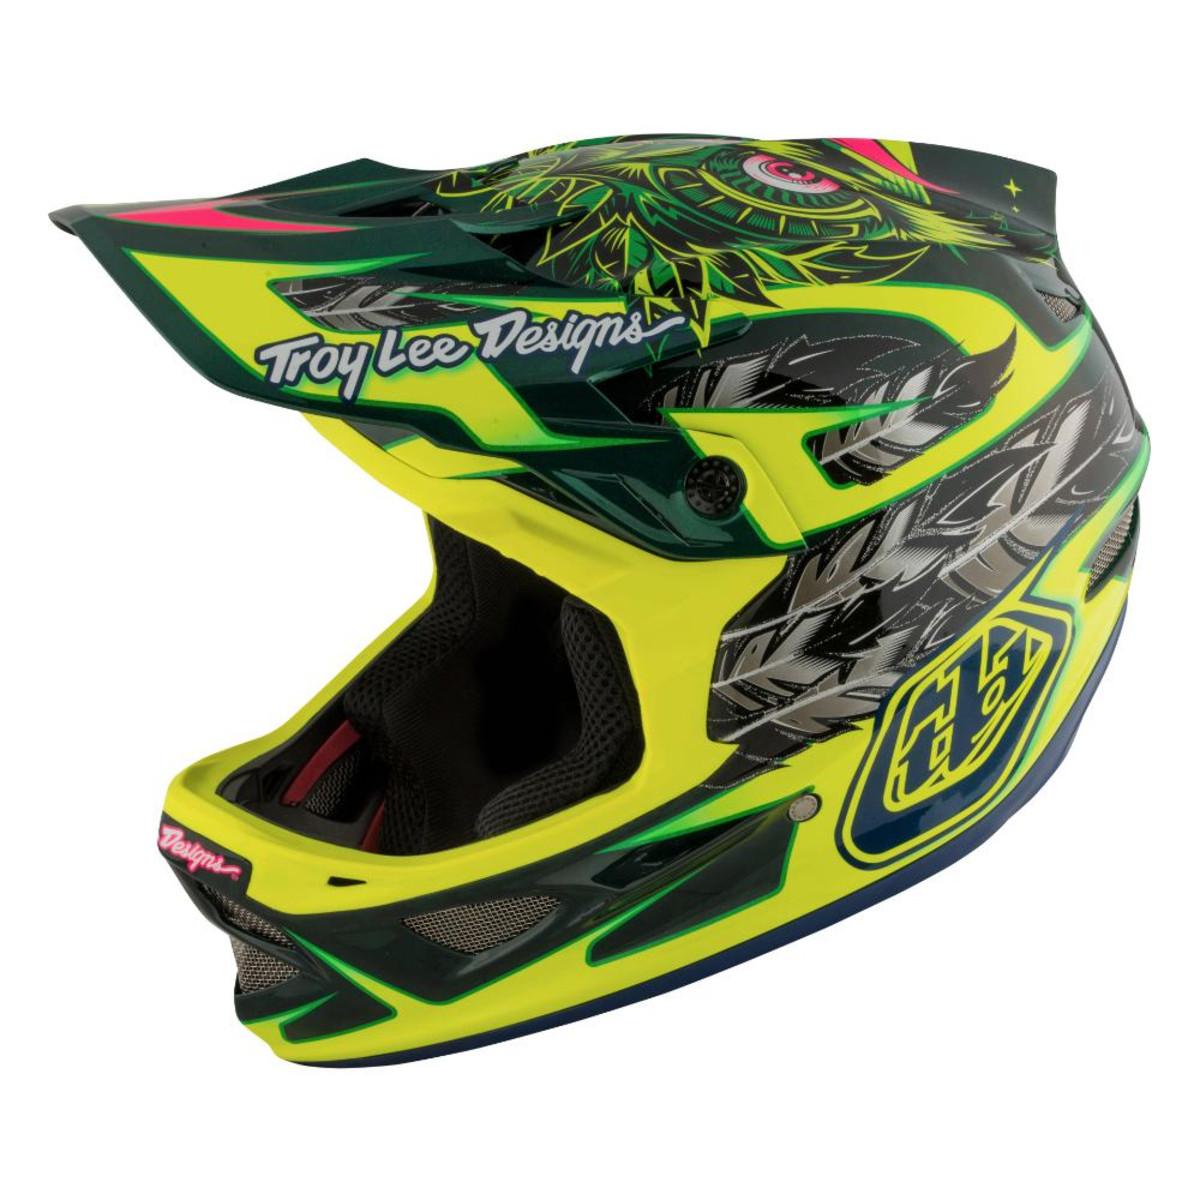 Troy Lee Designs Helmet >> Troy Lee Designs D3 Carbon Helmet Mips Nightfall Roy S Cyclery